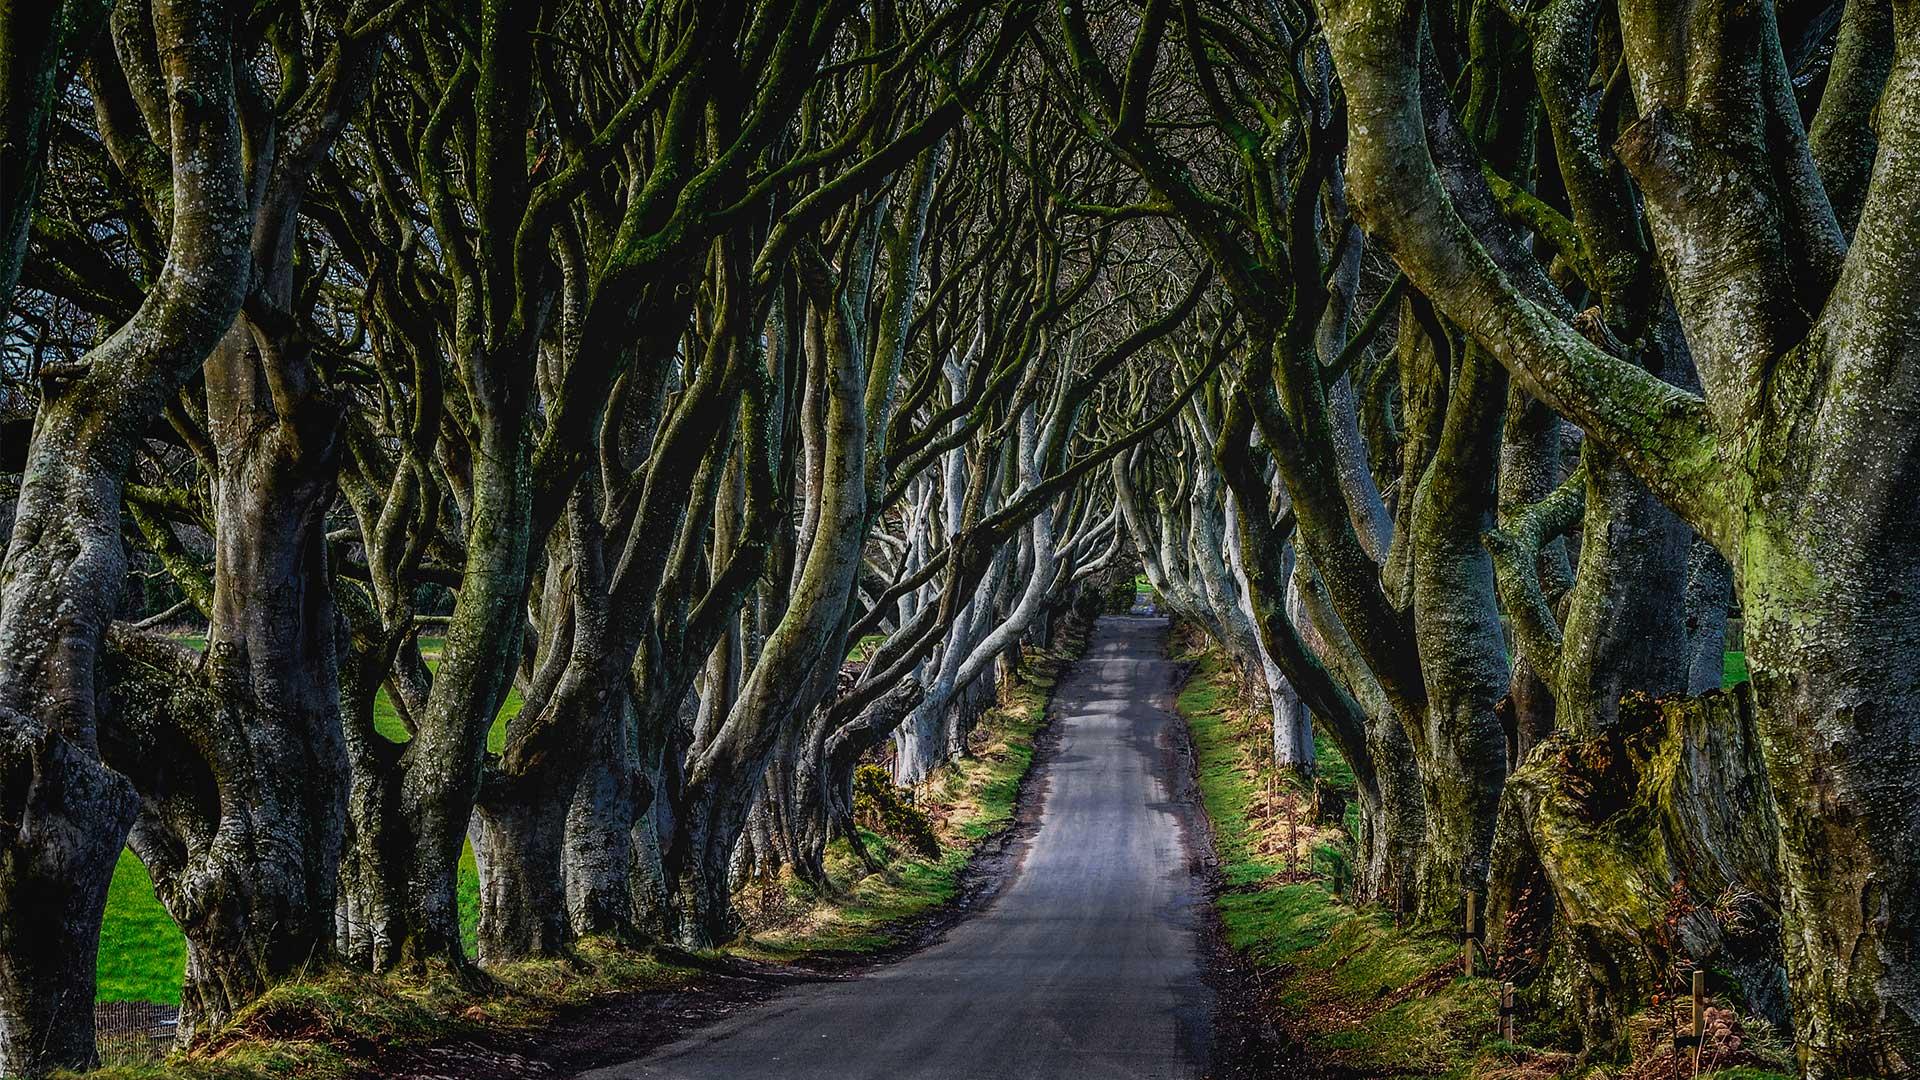 Westeros'ta Tatil: Game of Thrones'un İzleriyle İrlanda